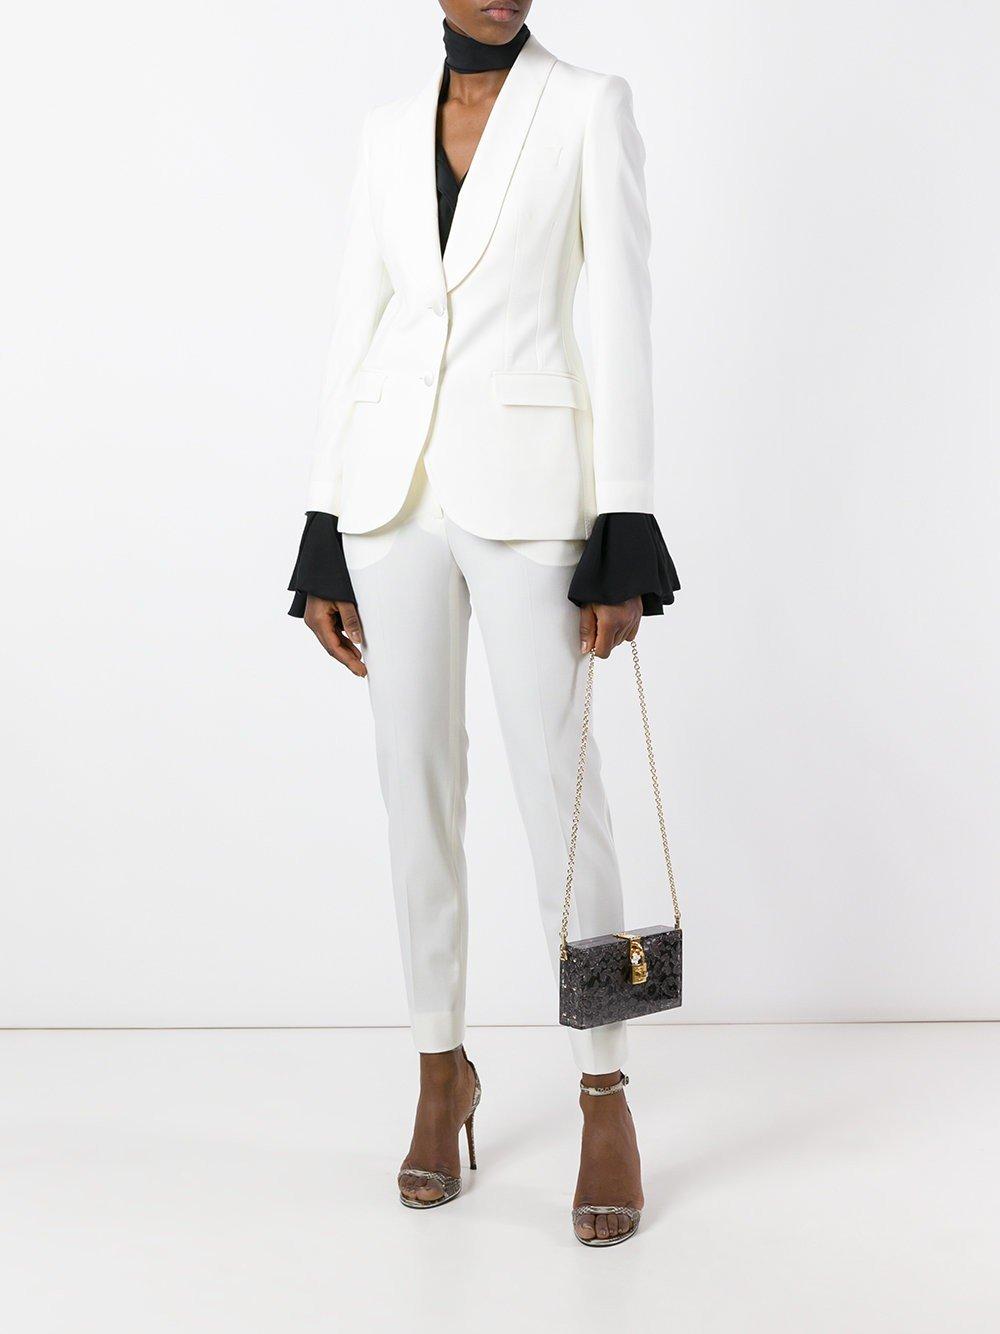 Пиджаке штанах белых девушки в фото белом и